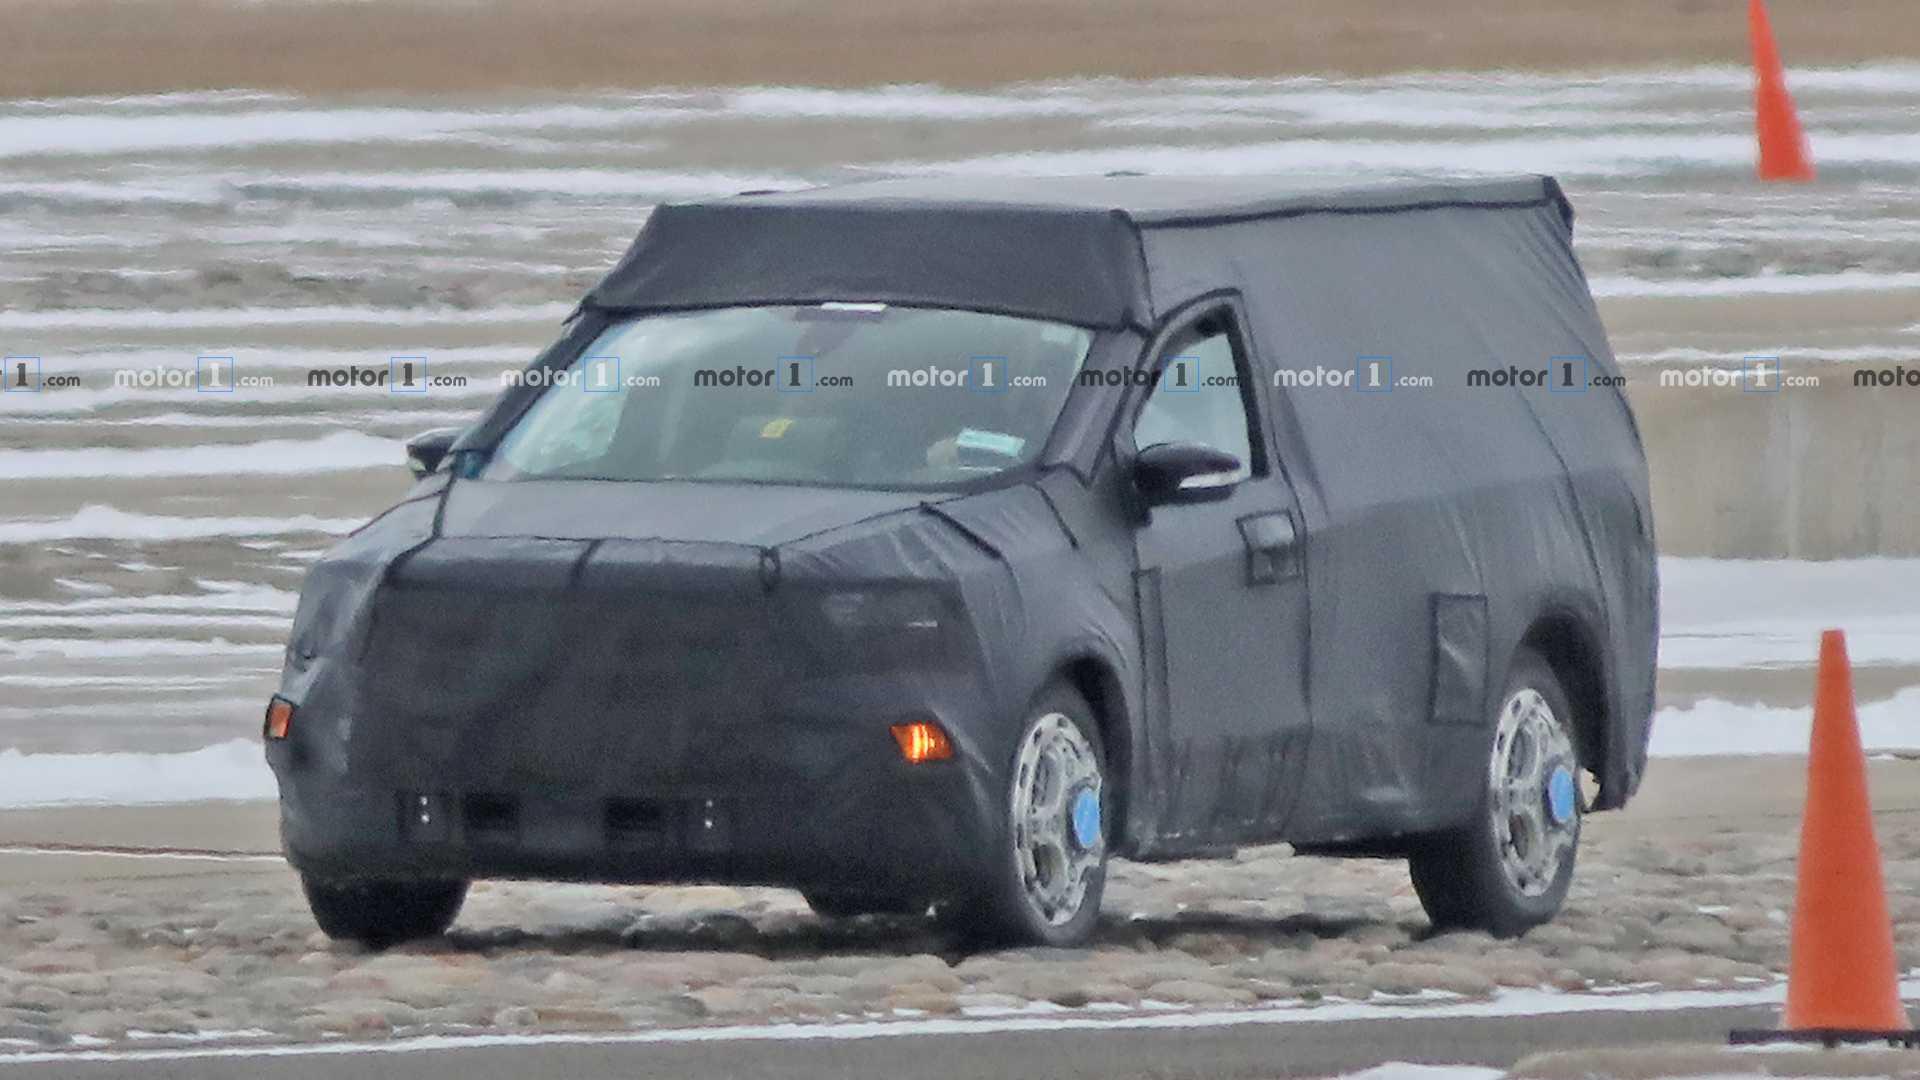 Lộ ảnh chạy thử mẫu bán tải 'đàn em' của Ford Ranger